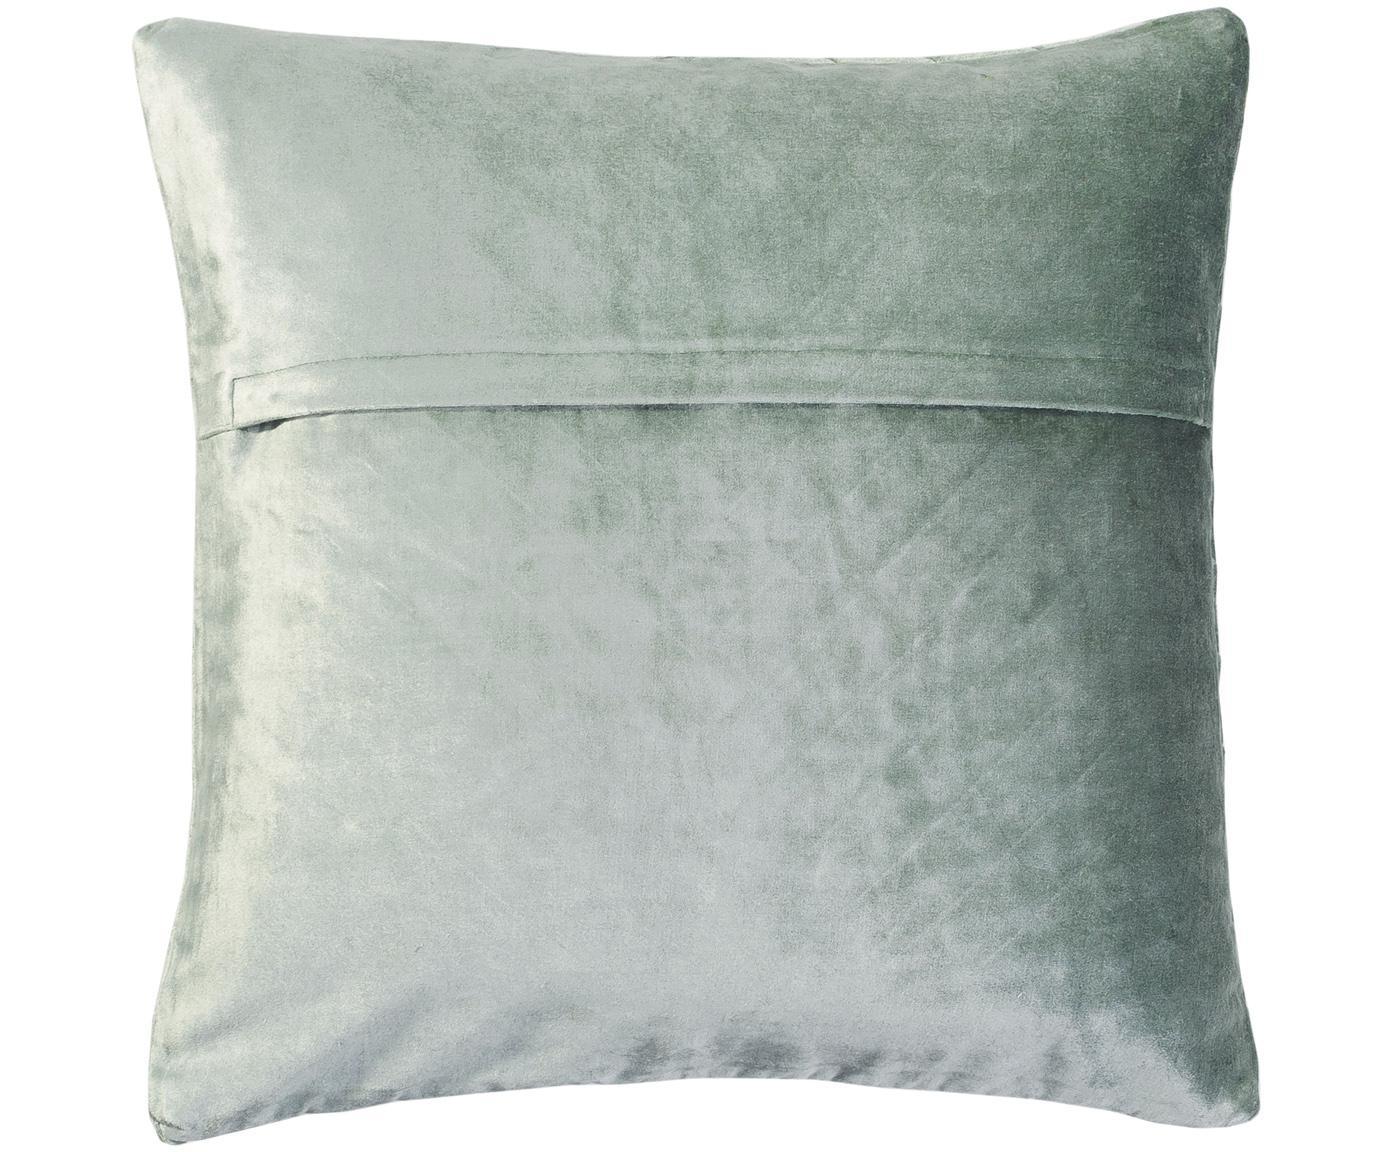 Poszewka na poduszkę z aksamitu Betty, 50% bawełna, 50% wiskoza, Szałwiowa zieleń, S 50 x D 50 cm